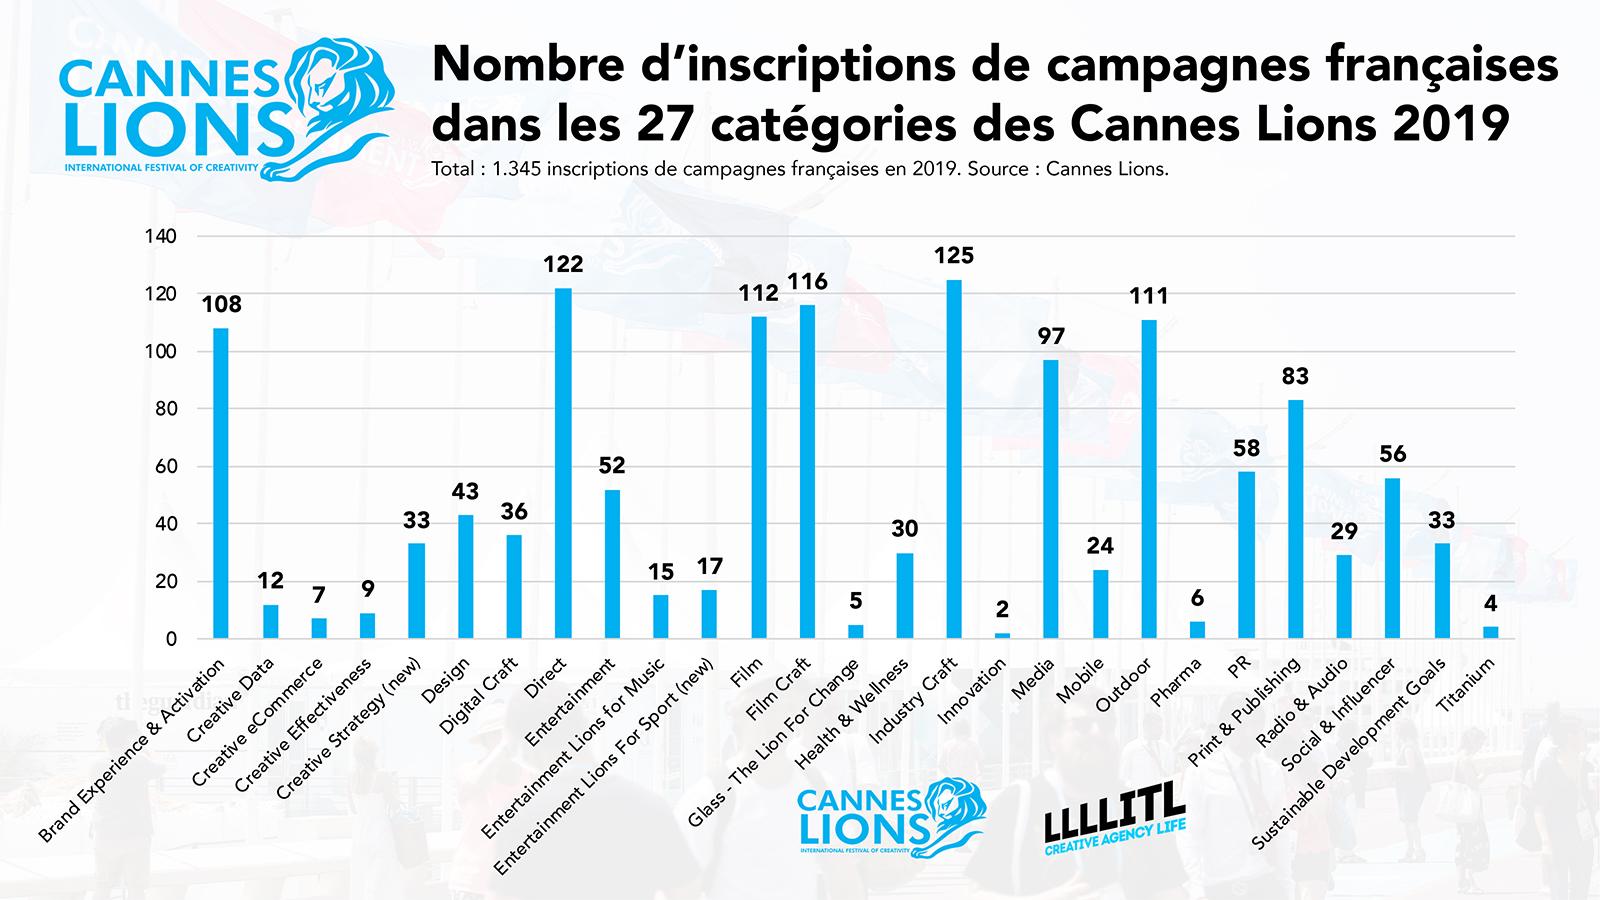 Cannes Lions 2019 : nombre d'inscriptions de campagnes françaises dans les 27 catégories